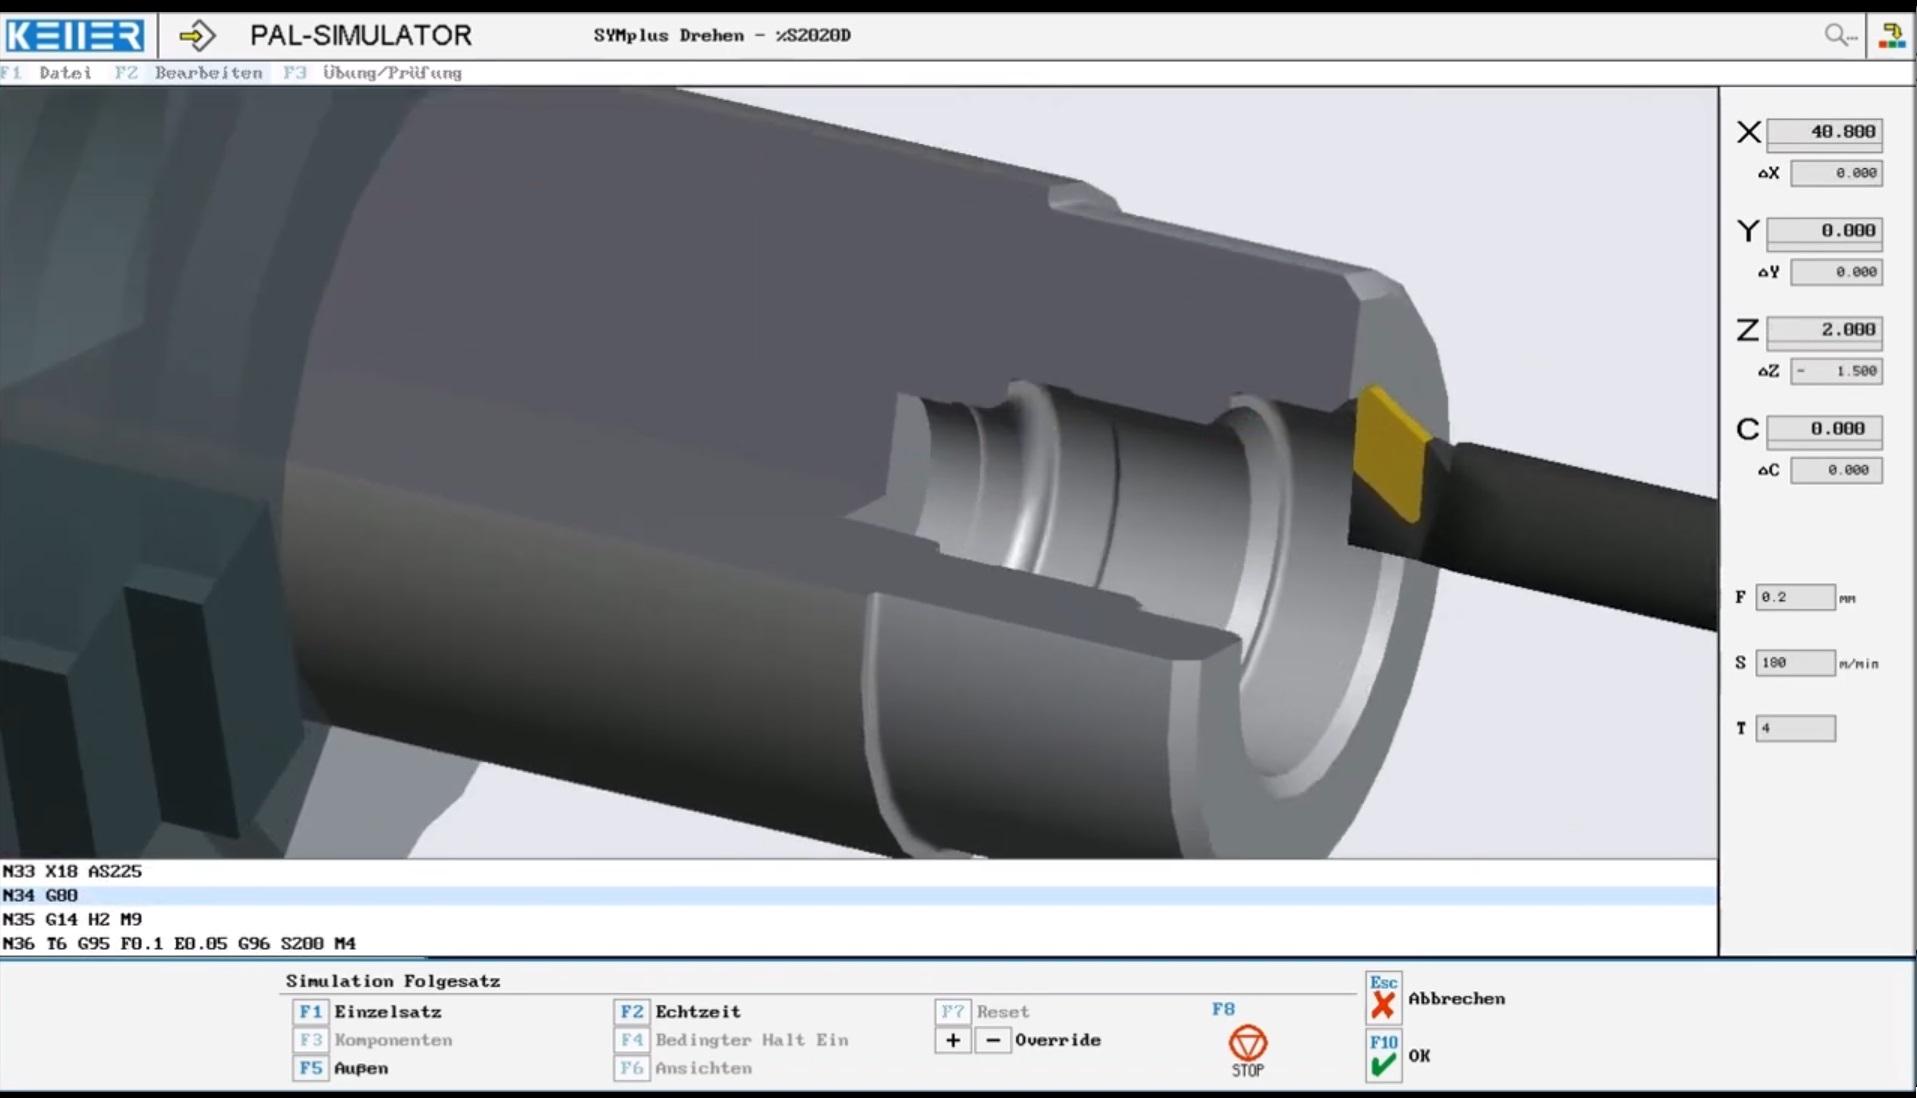 Simulation zur IHK-Abschlussprüfung Teil 2 für Zerspanungsmechaniker/innen Sommer 2020 Drehen